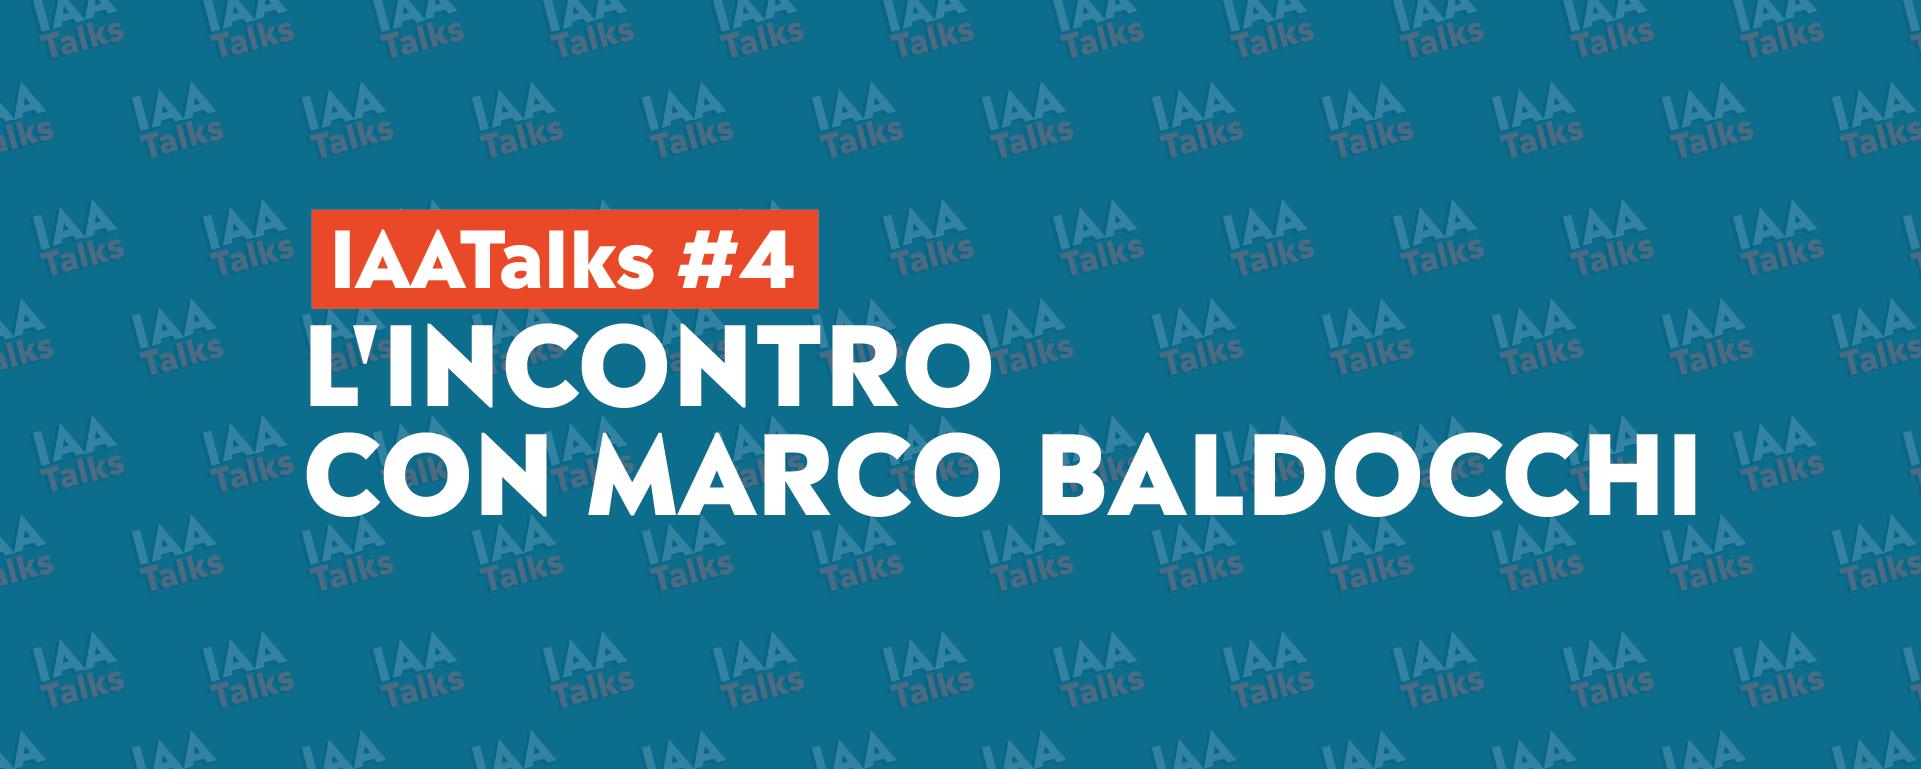 marco_baldocchi_iaa_talks